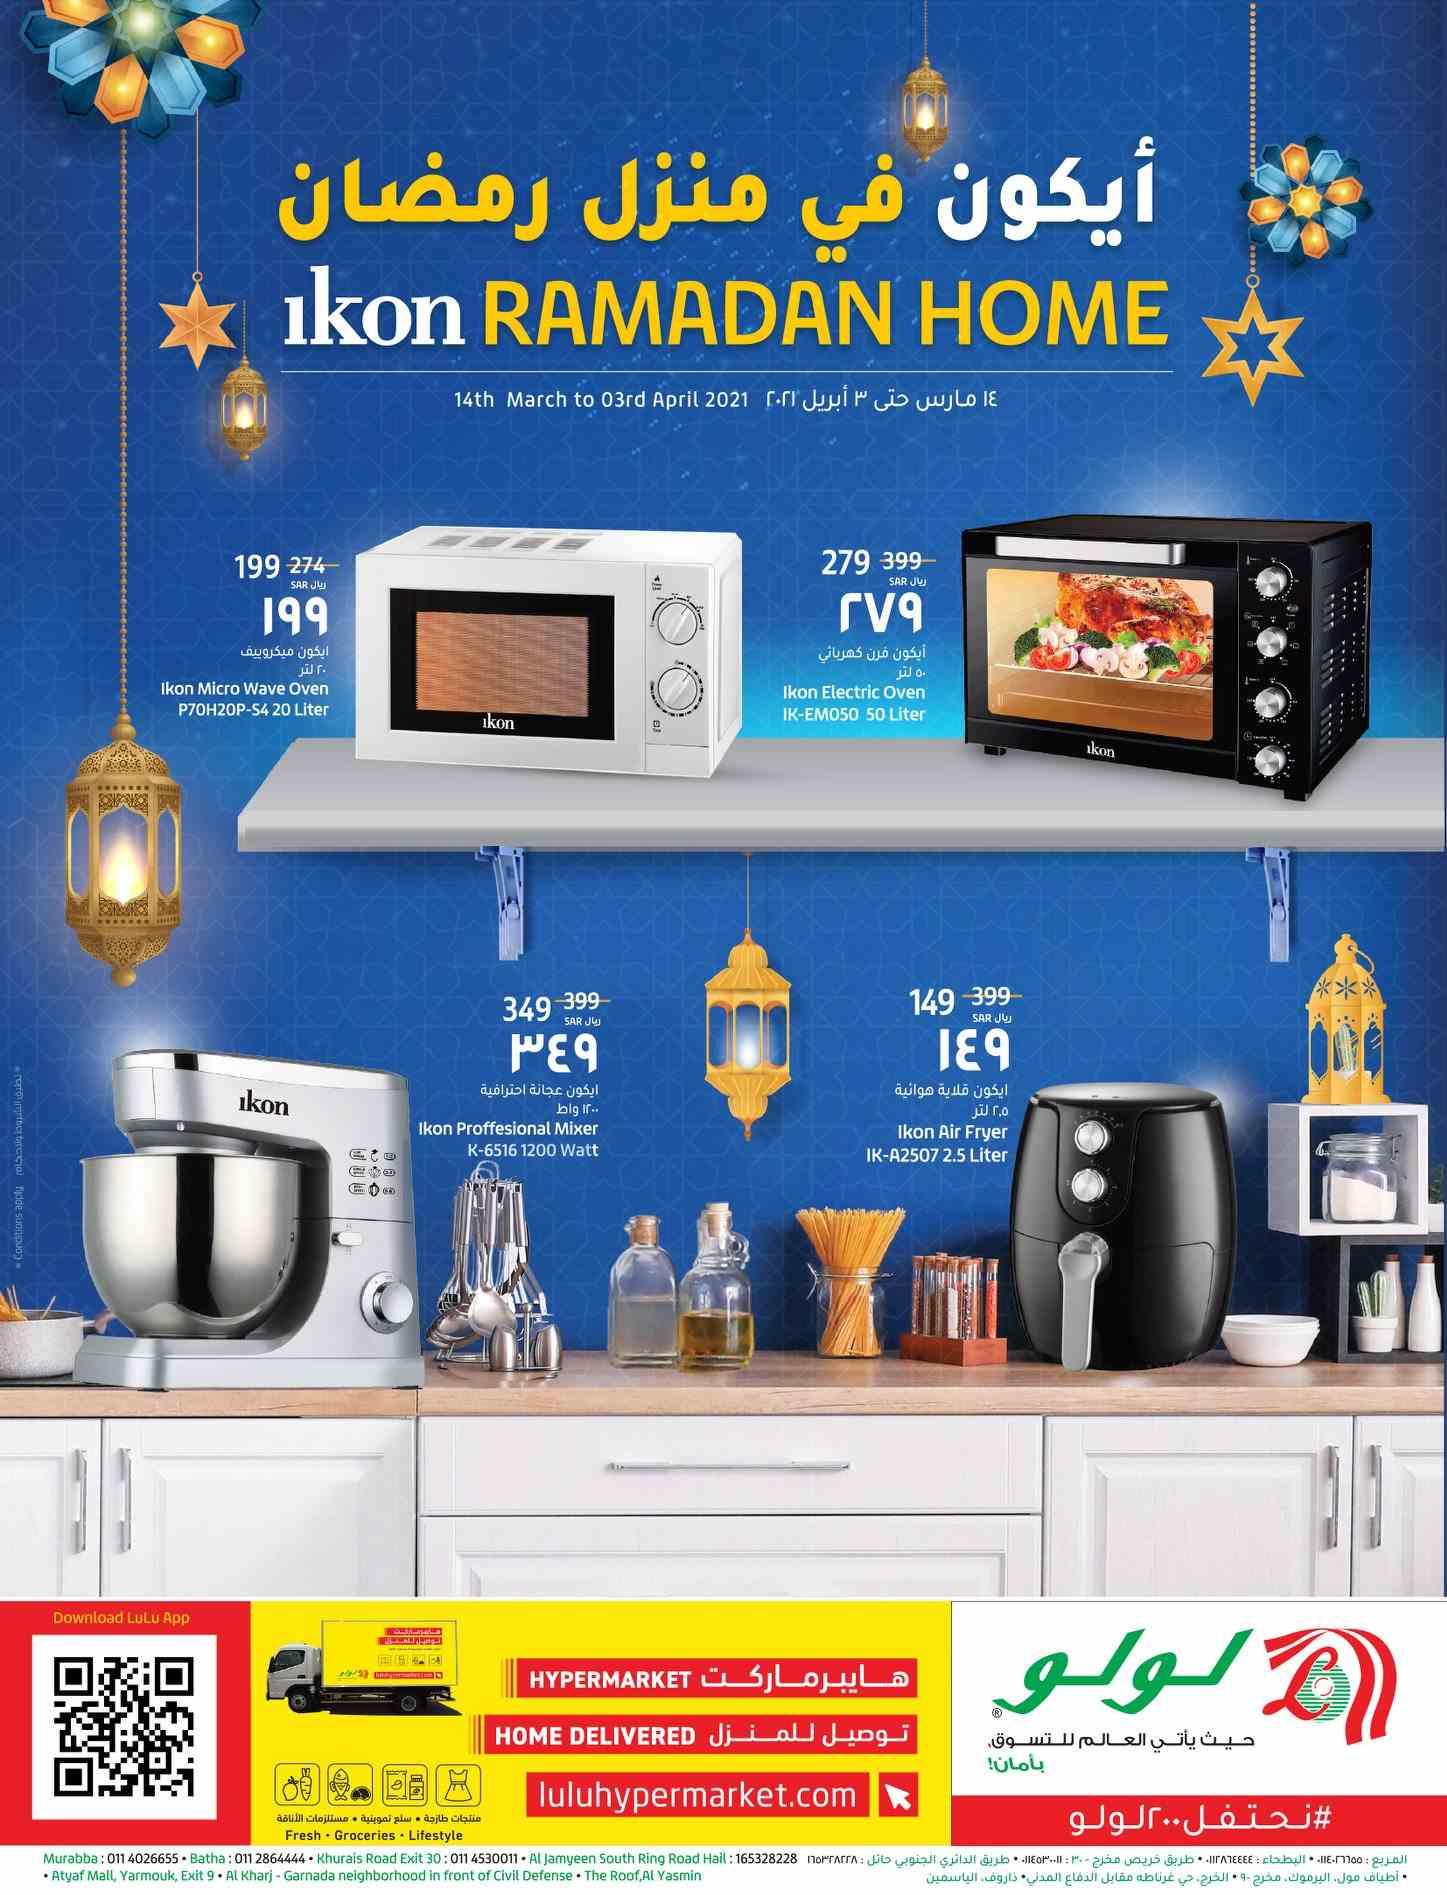 عروض لولو الرياض اليوم 14 مارس حتى 3 ابريل 2021 ايكون فى منزل رمضان